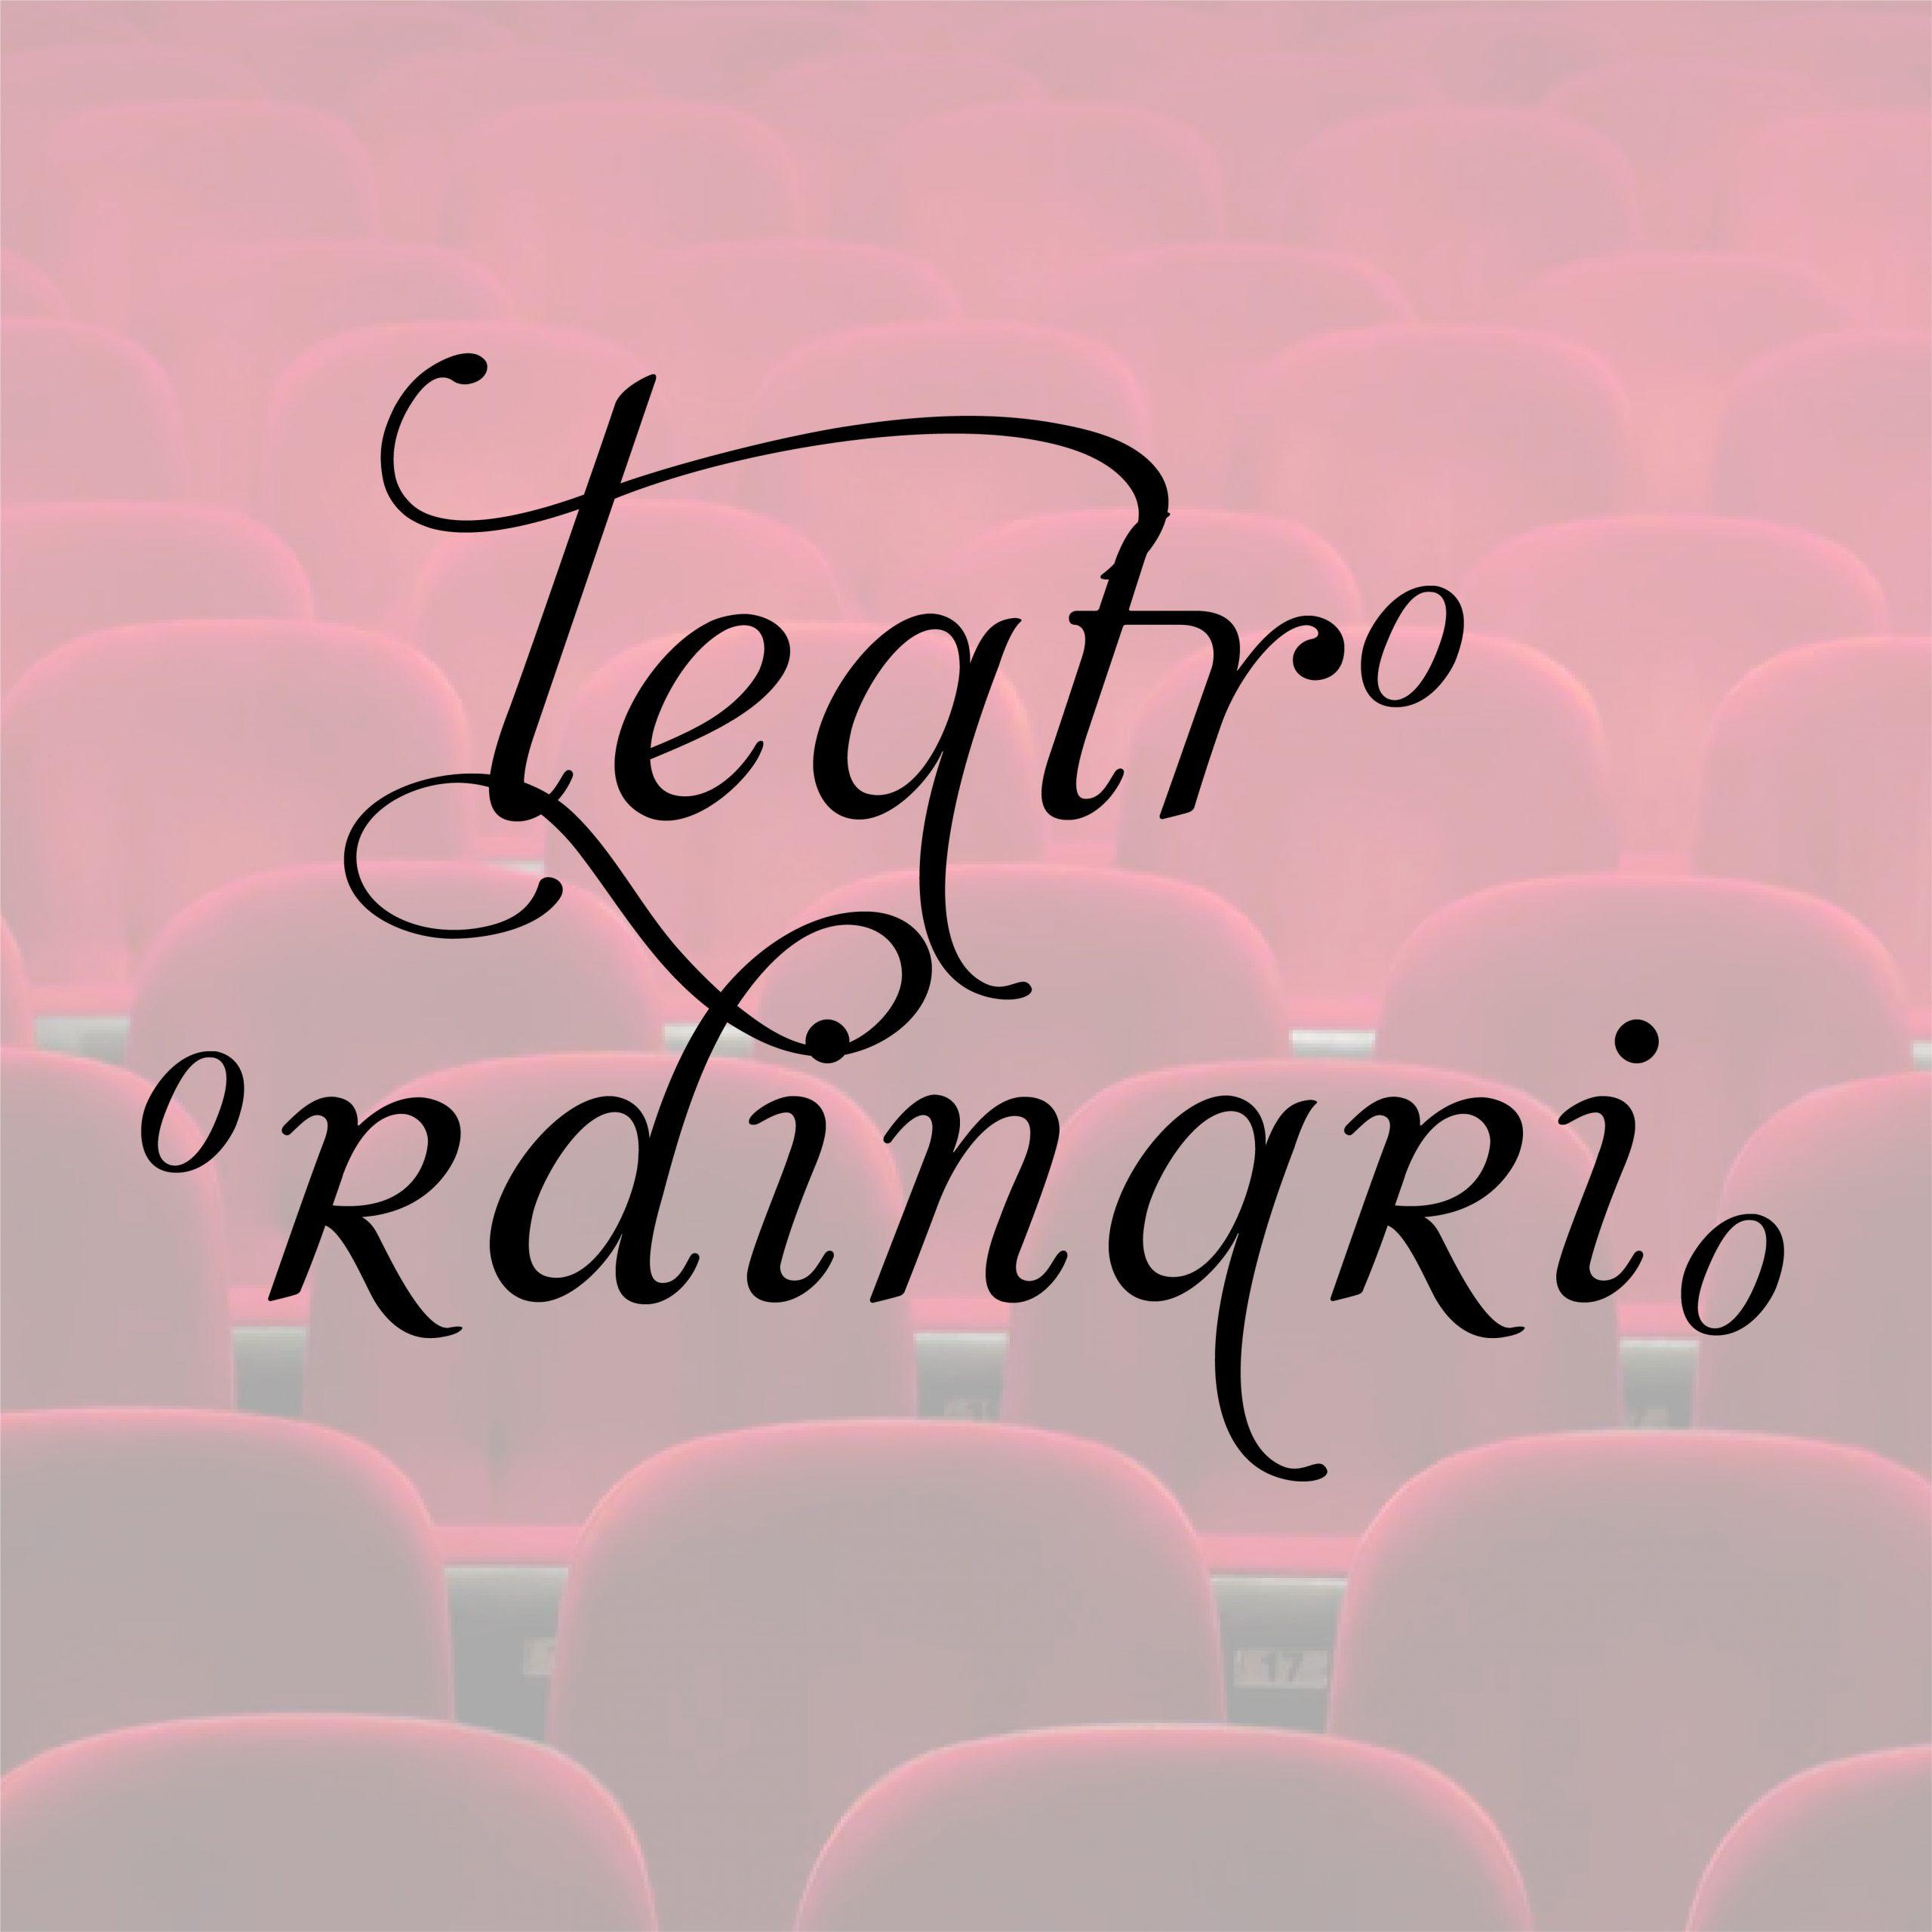 Imagen Corporativa Teatro Ordinario